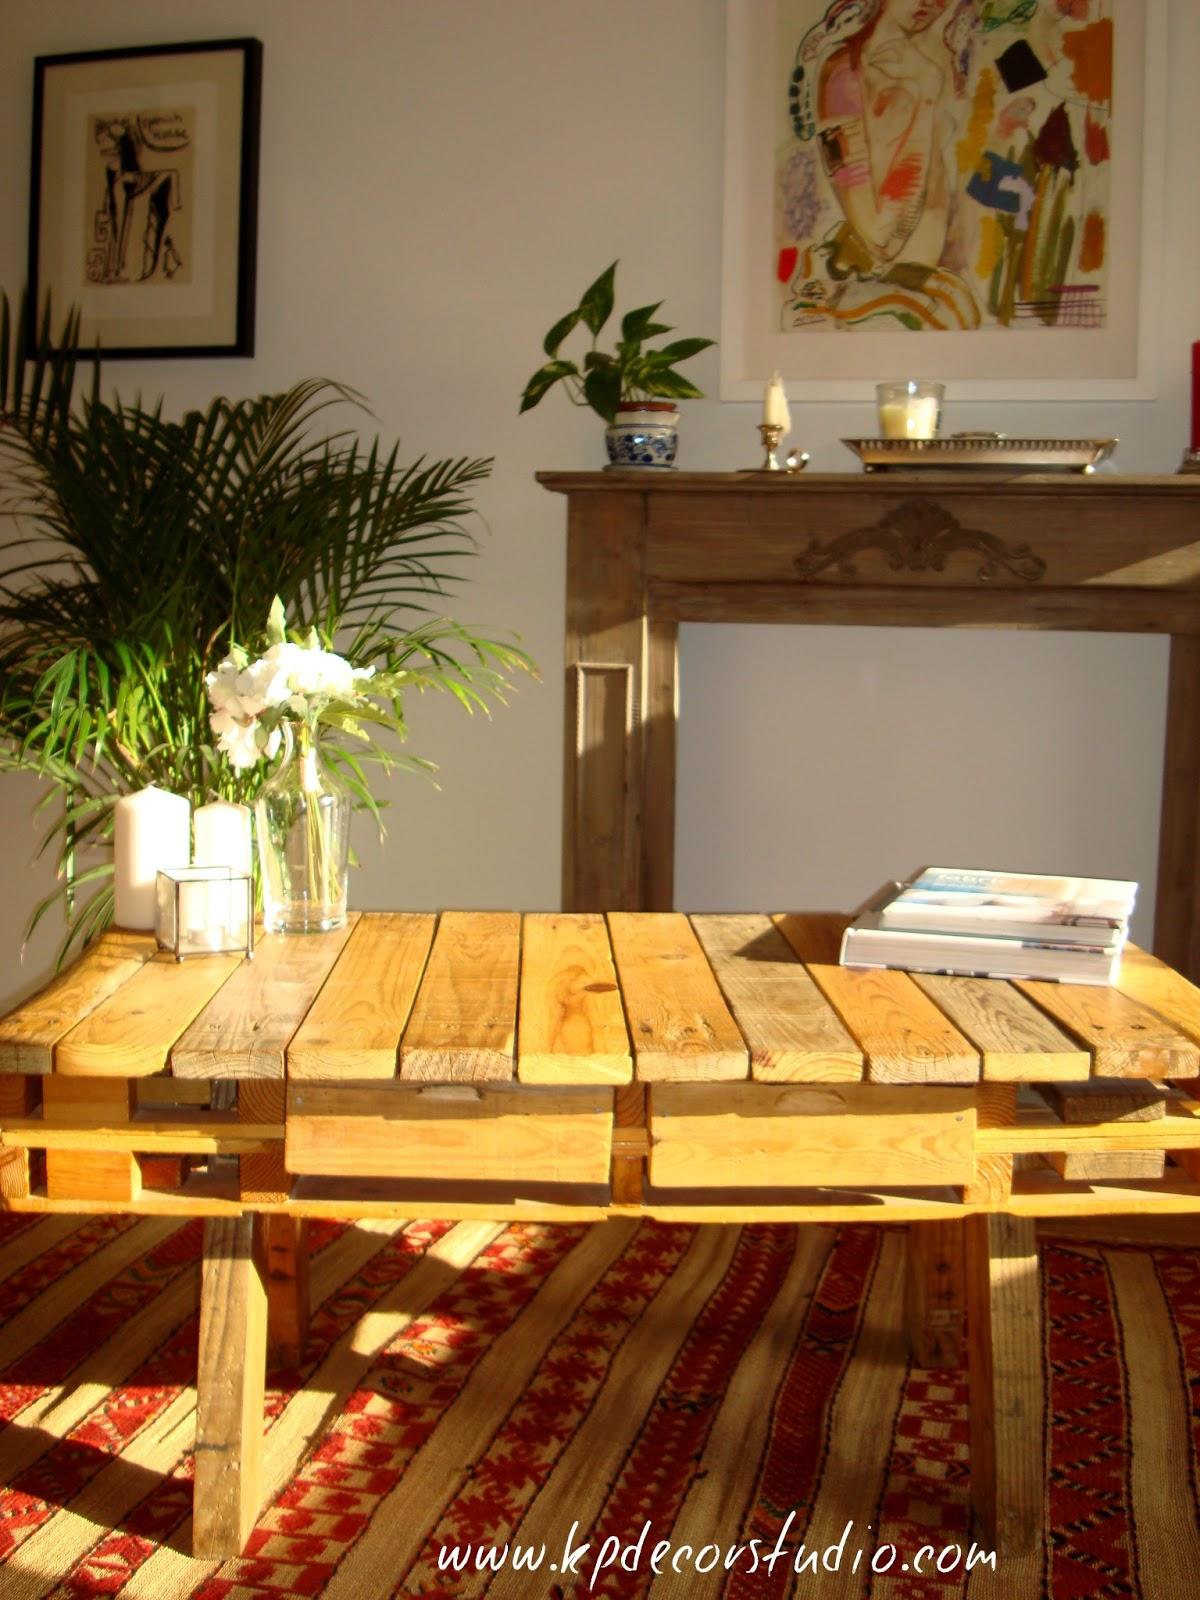 Kp tienda vintage online mesas de palet pallet tables - Mesas de madera hechas a mano ...